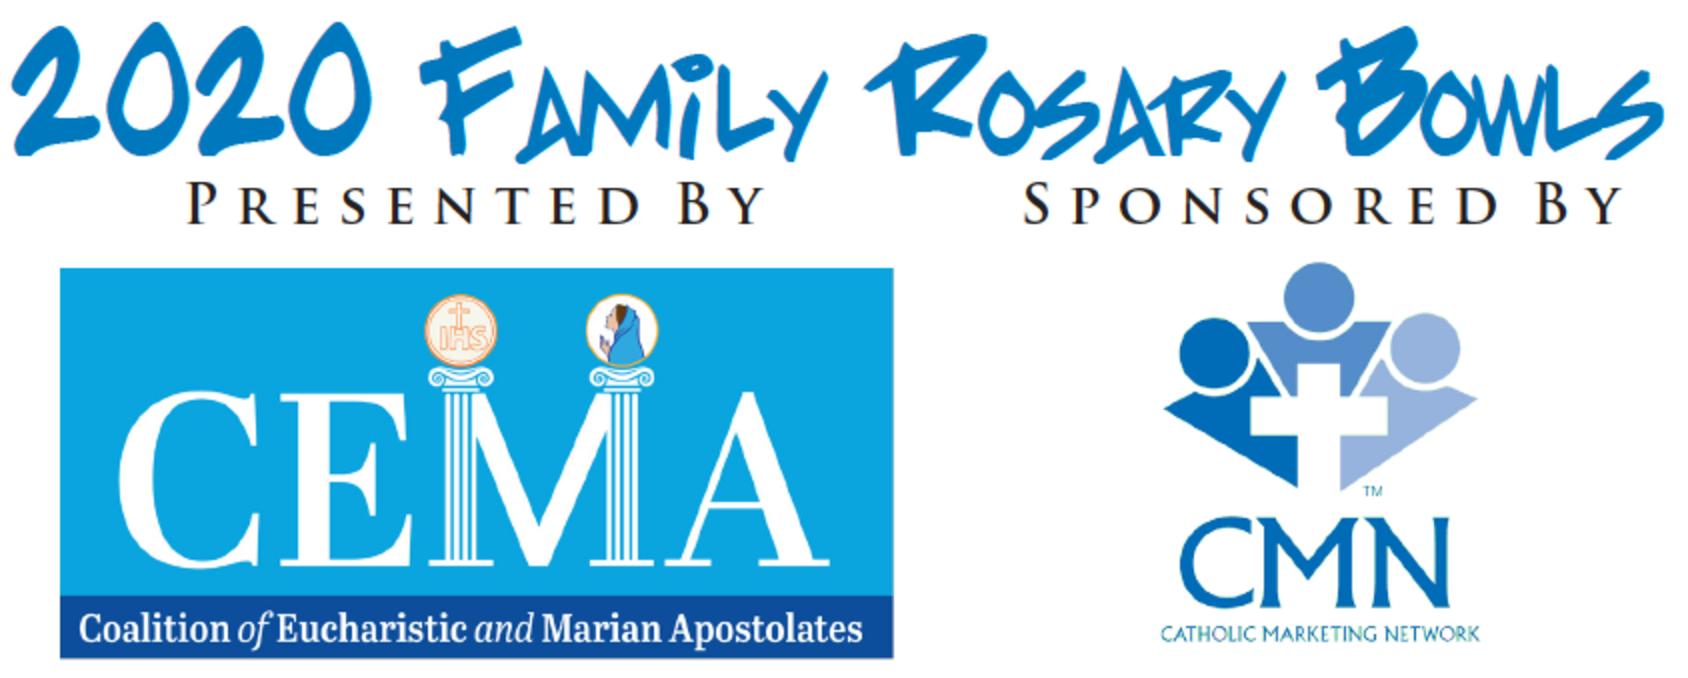 2020 Family Rosary Bowls